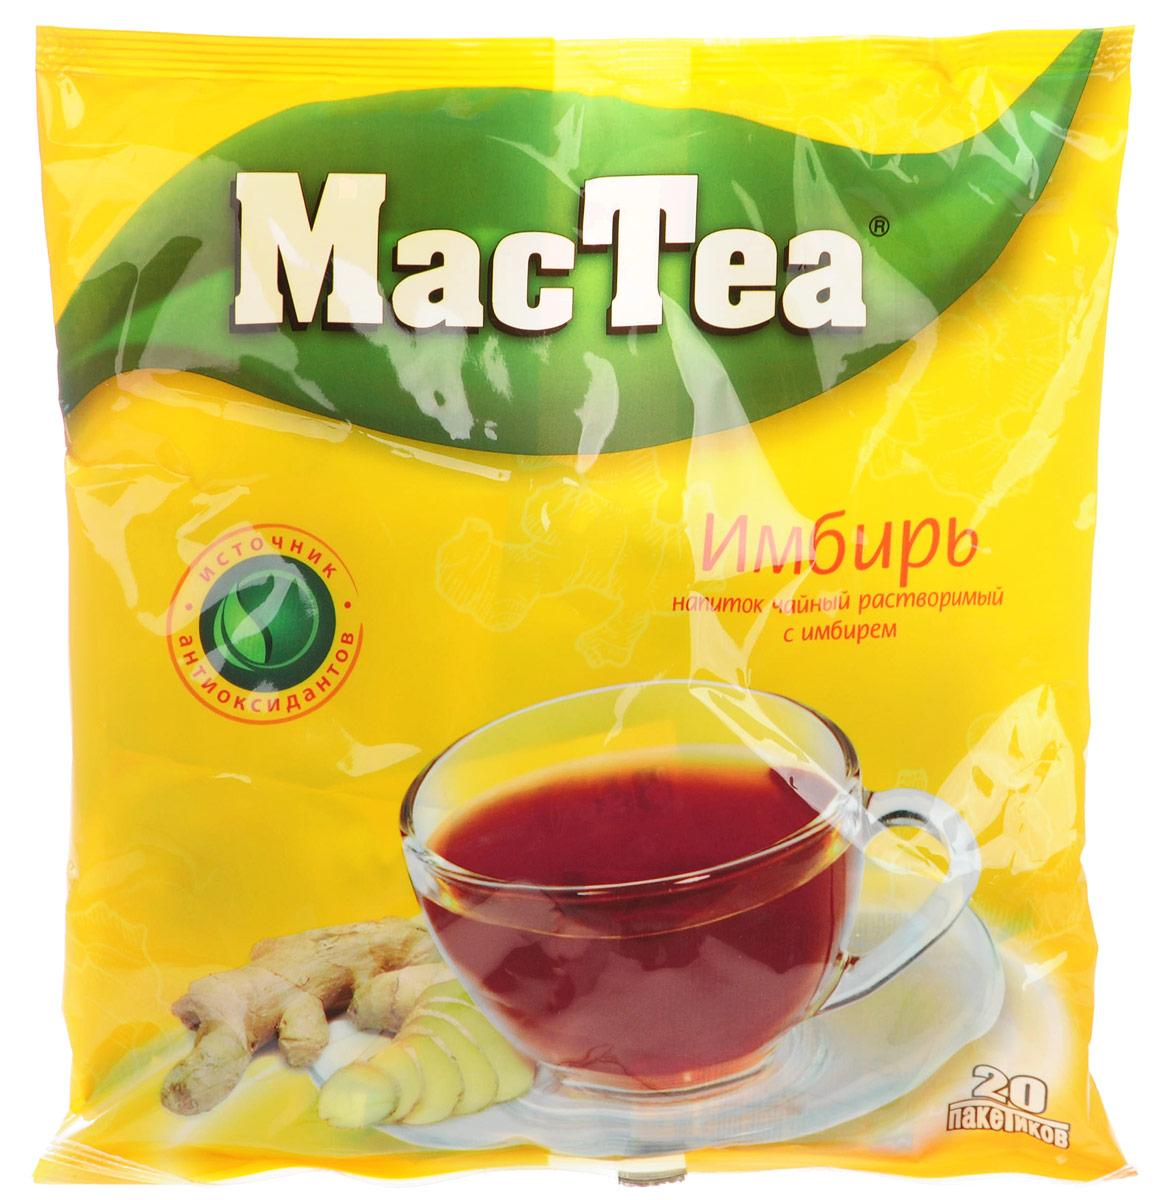 MacTea напиток чайный с имбирем, 20 шт8887290103541Растворимый чайный напиток MacTea с имбирем понравится и детям, и взрослым. Этот напиток можно употреблять как в холодном, так и в горячем виде. Для приготовления необходимо залить содержимое пакетика стаканом воды и тщательно размешать.